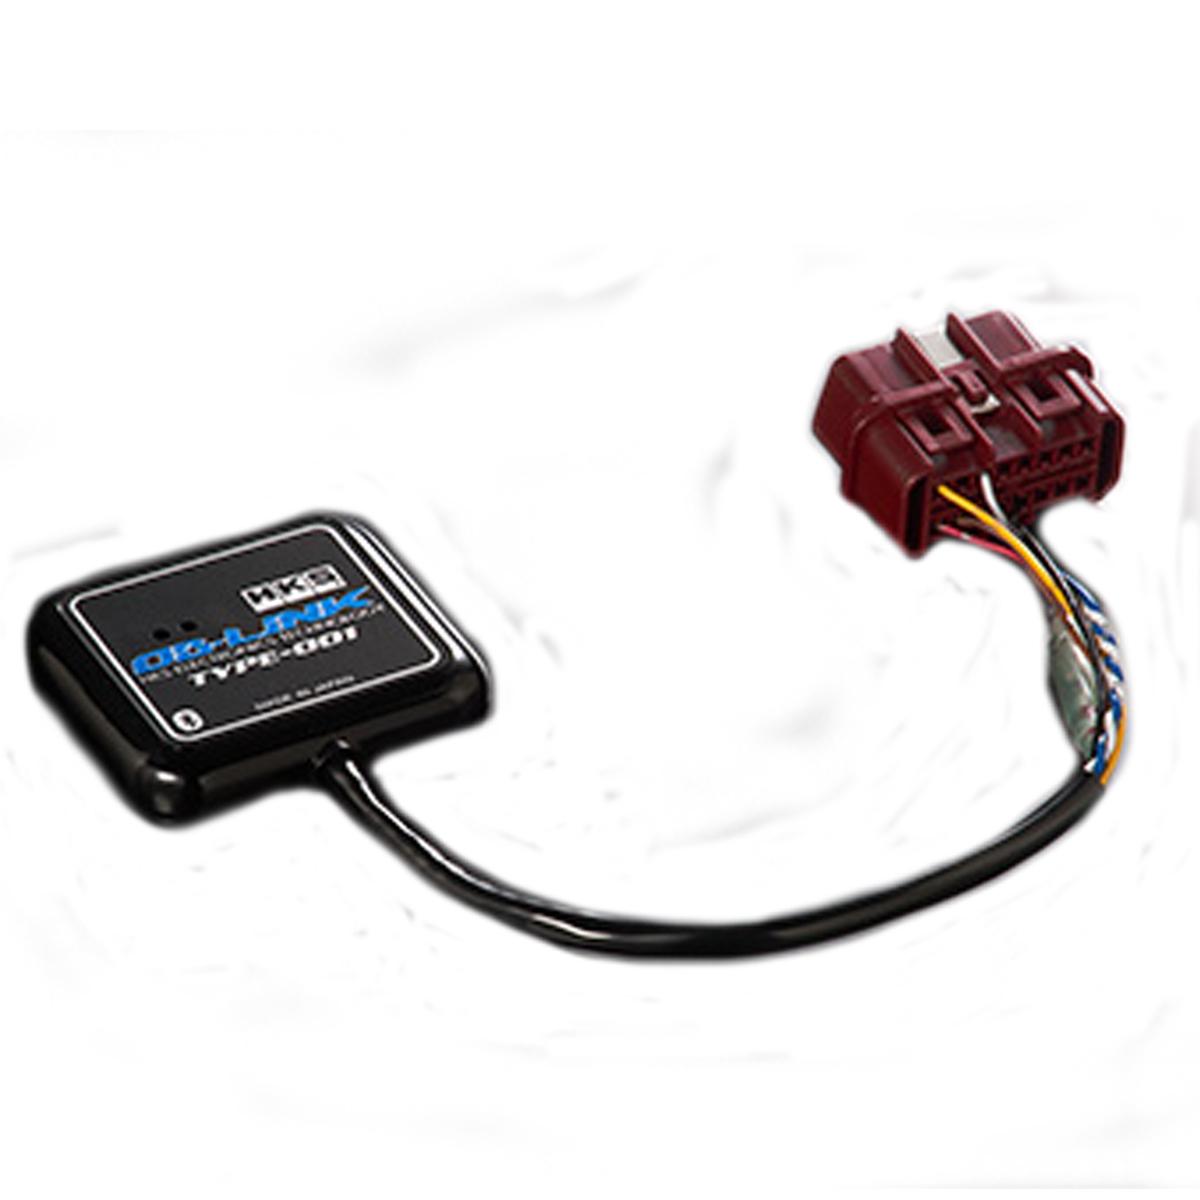 ティアナ モニター OBリンク タイプ 001 TNJ32 HKS 44009-AK002 エレクトリニクス